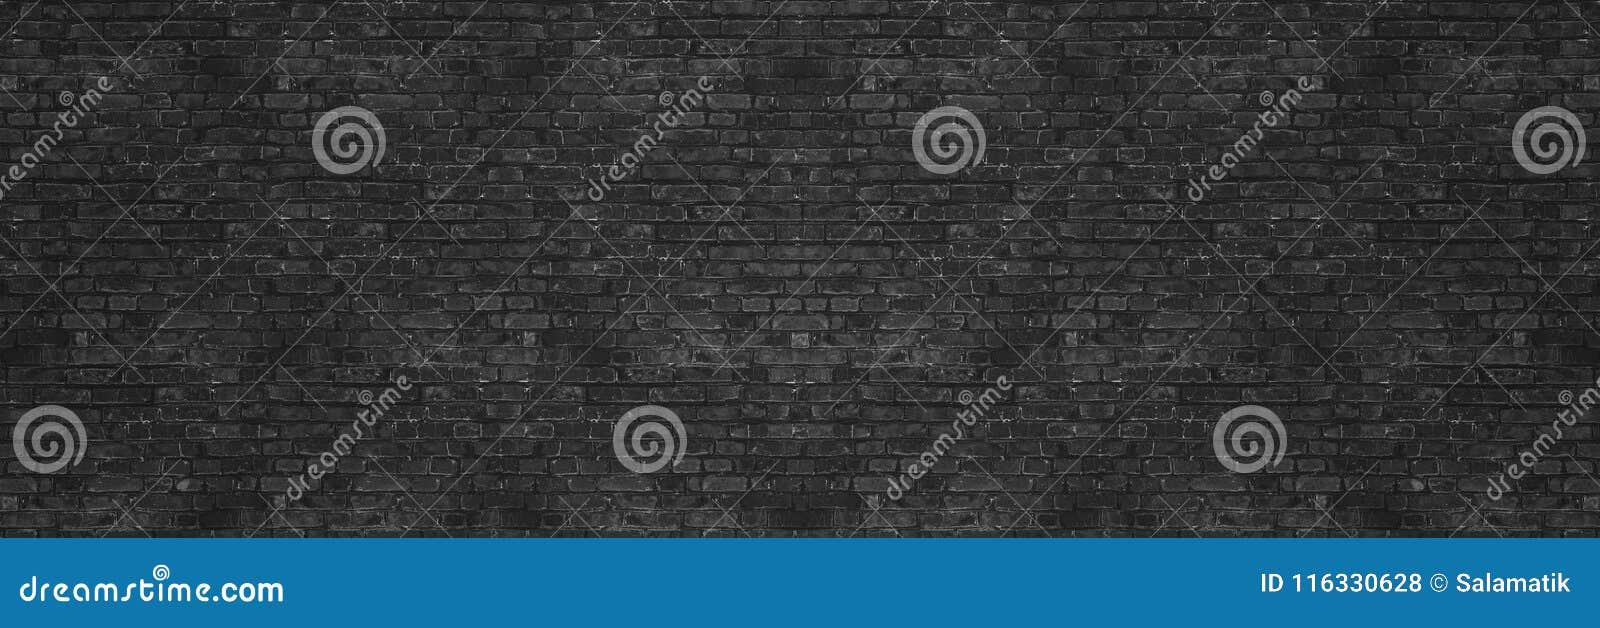 Textura de la pared de ladrillo del lavado del negro del vintage para el diseño Fondo panorámico para su texto o imagen